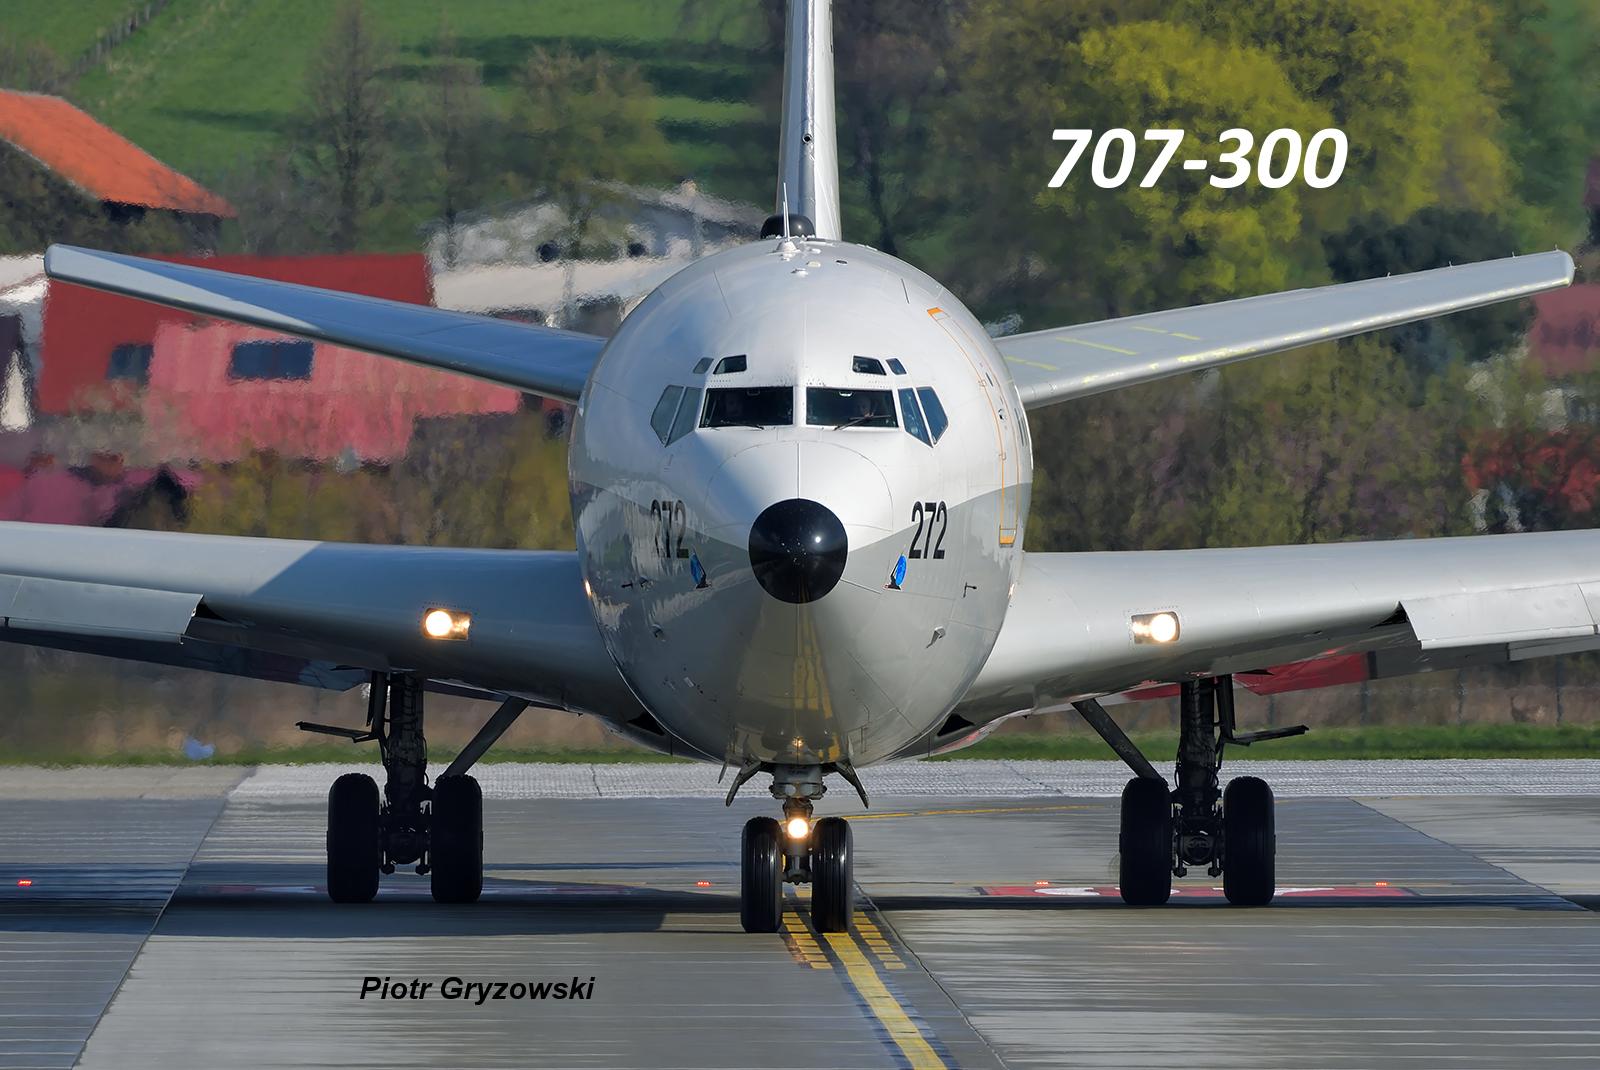 707 web1.jpg